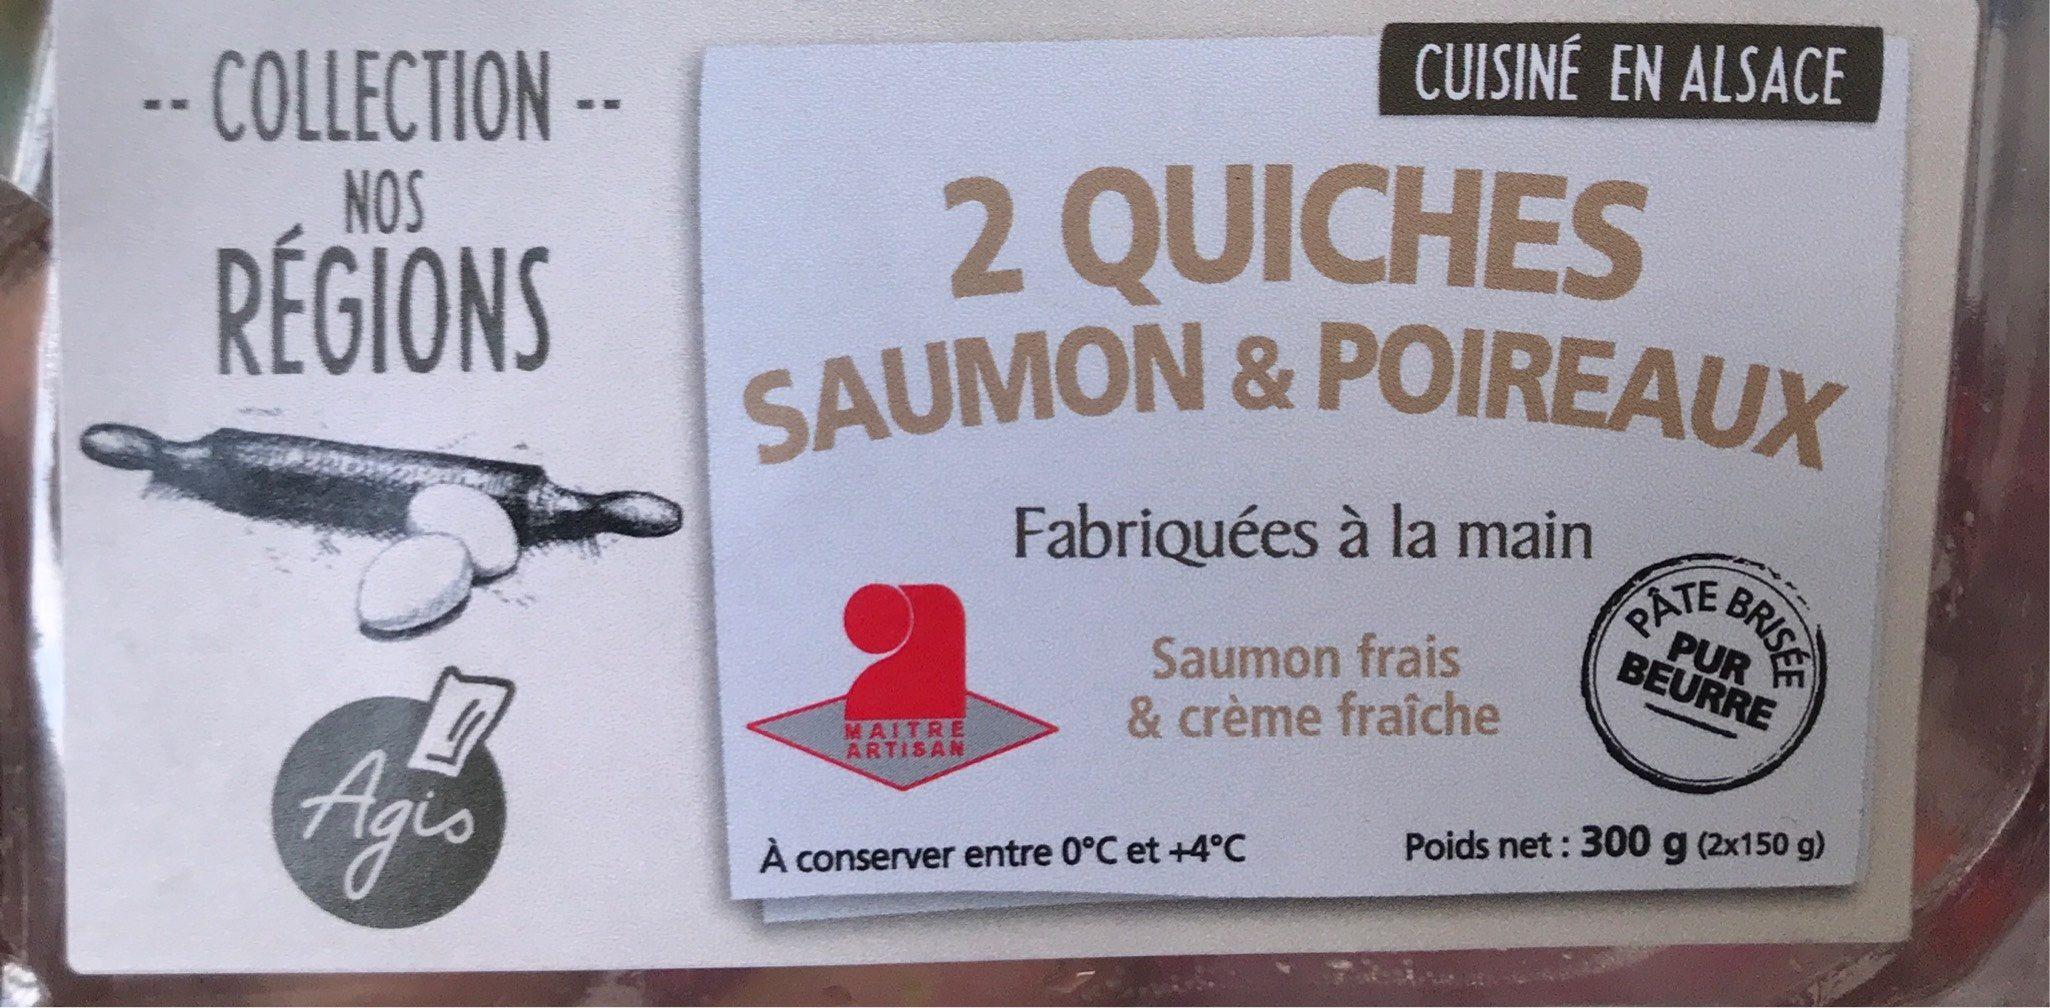 Quiches saumon & poireaux - Product - fr